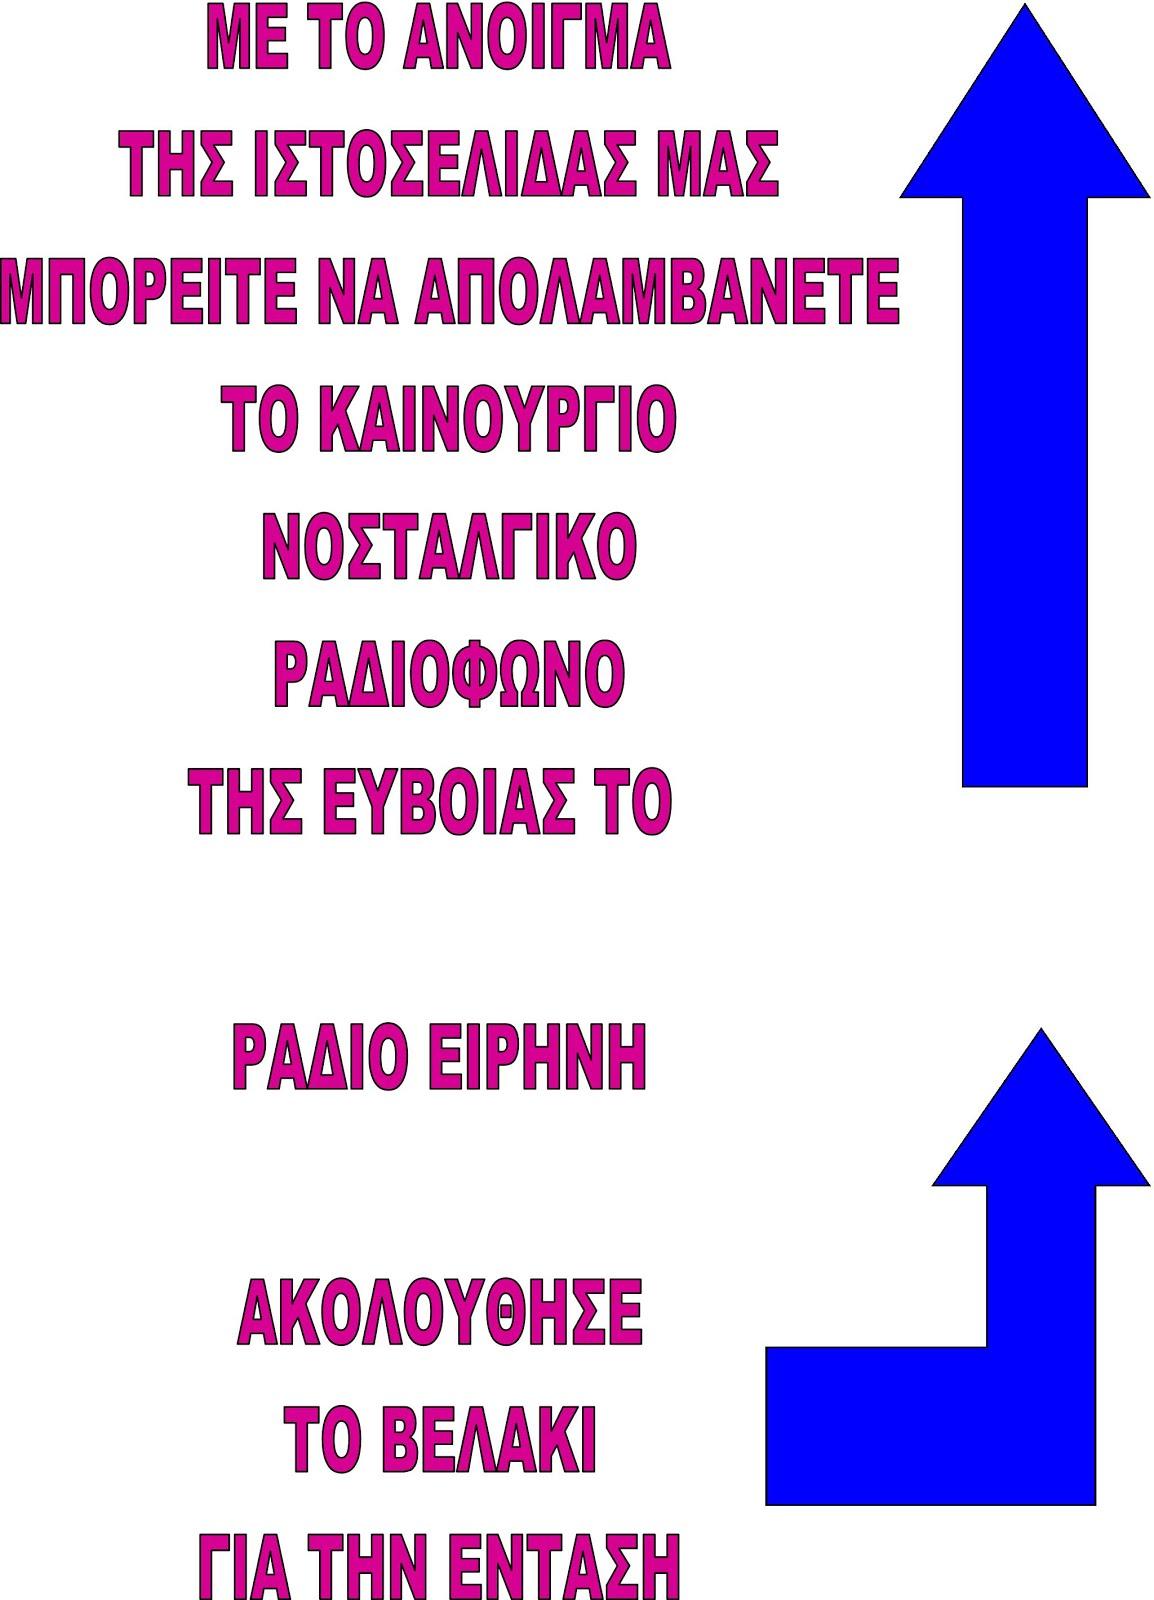 ΚΟΝΤΡΟΛ ΕΝΤΑΣΗΣ ΡΑΔΙΟΦΩΝΟΥ